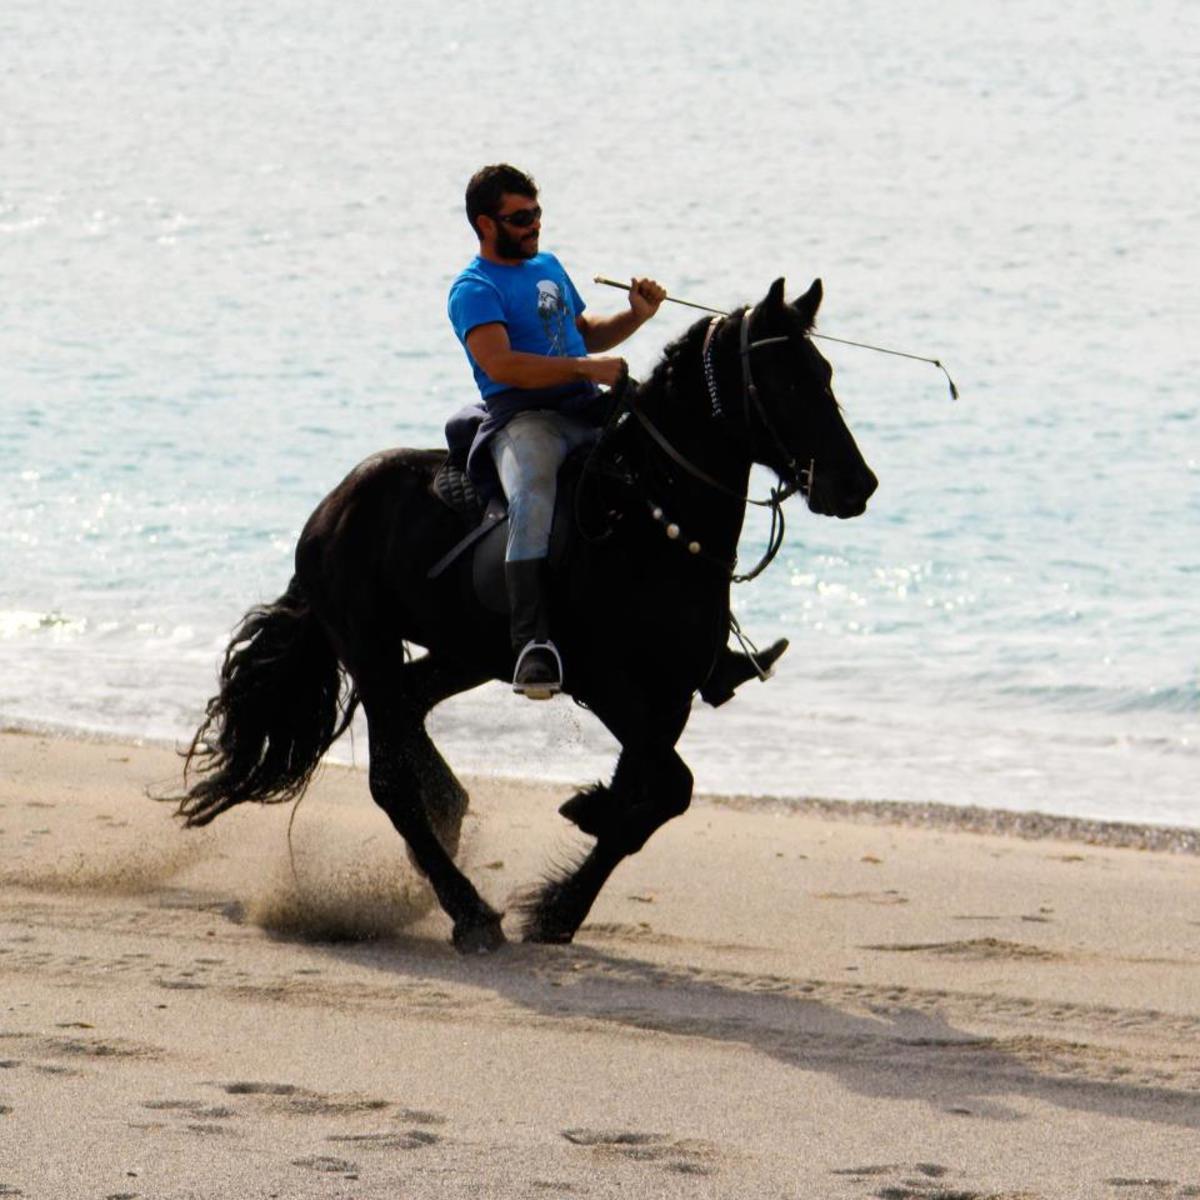 Τραγωδία στην Κρήτη: Ο αδικοχαμένος Βενιζέλος είχε χάσει τον αδελφό του σε τροχαίο